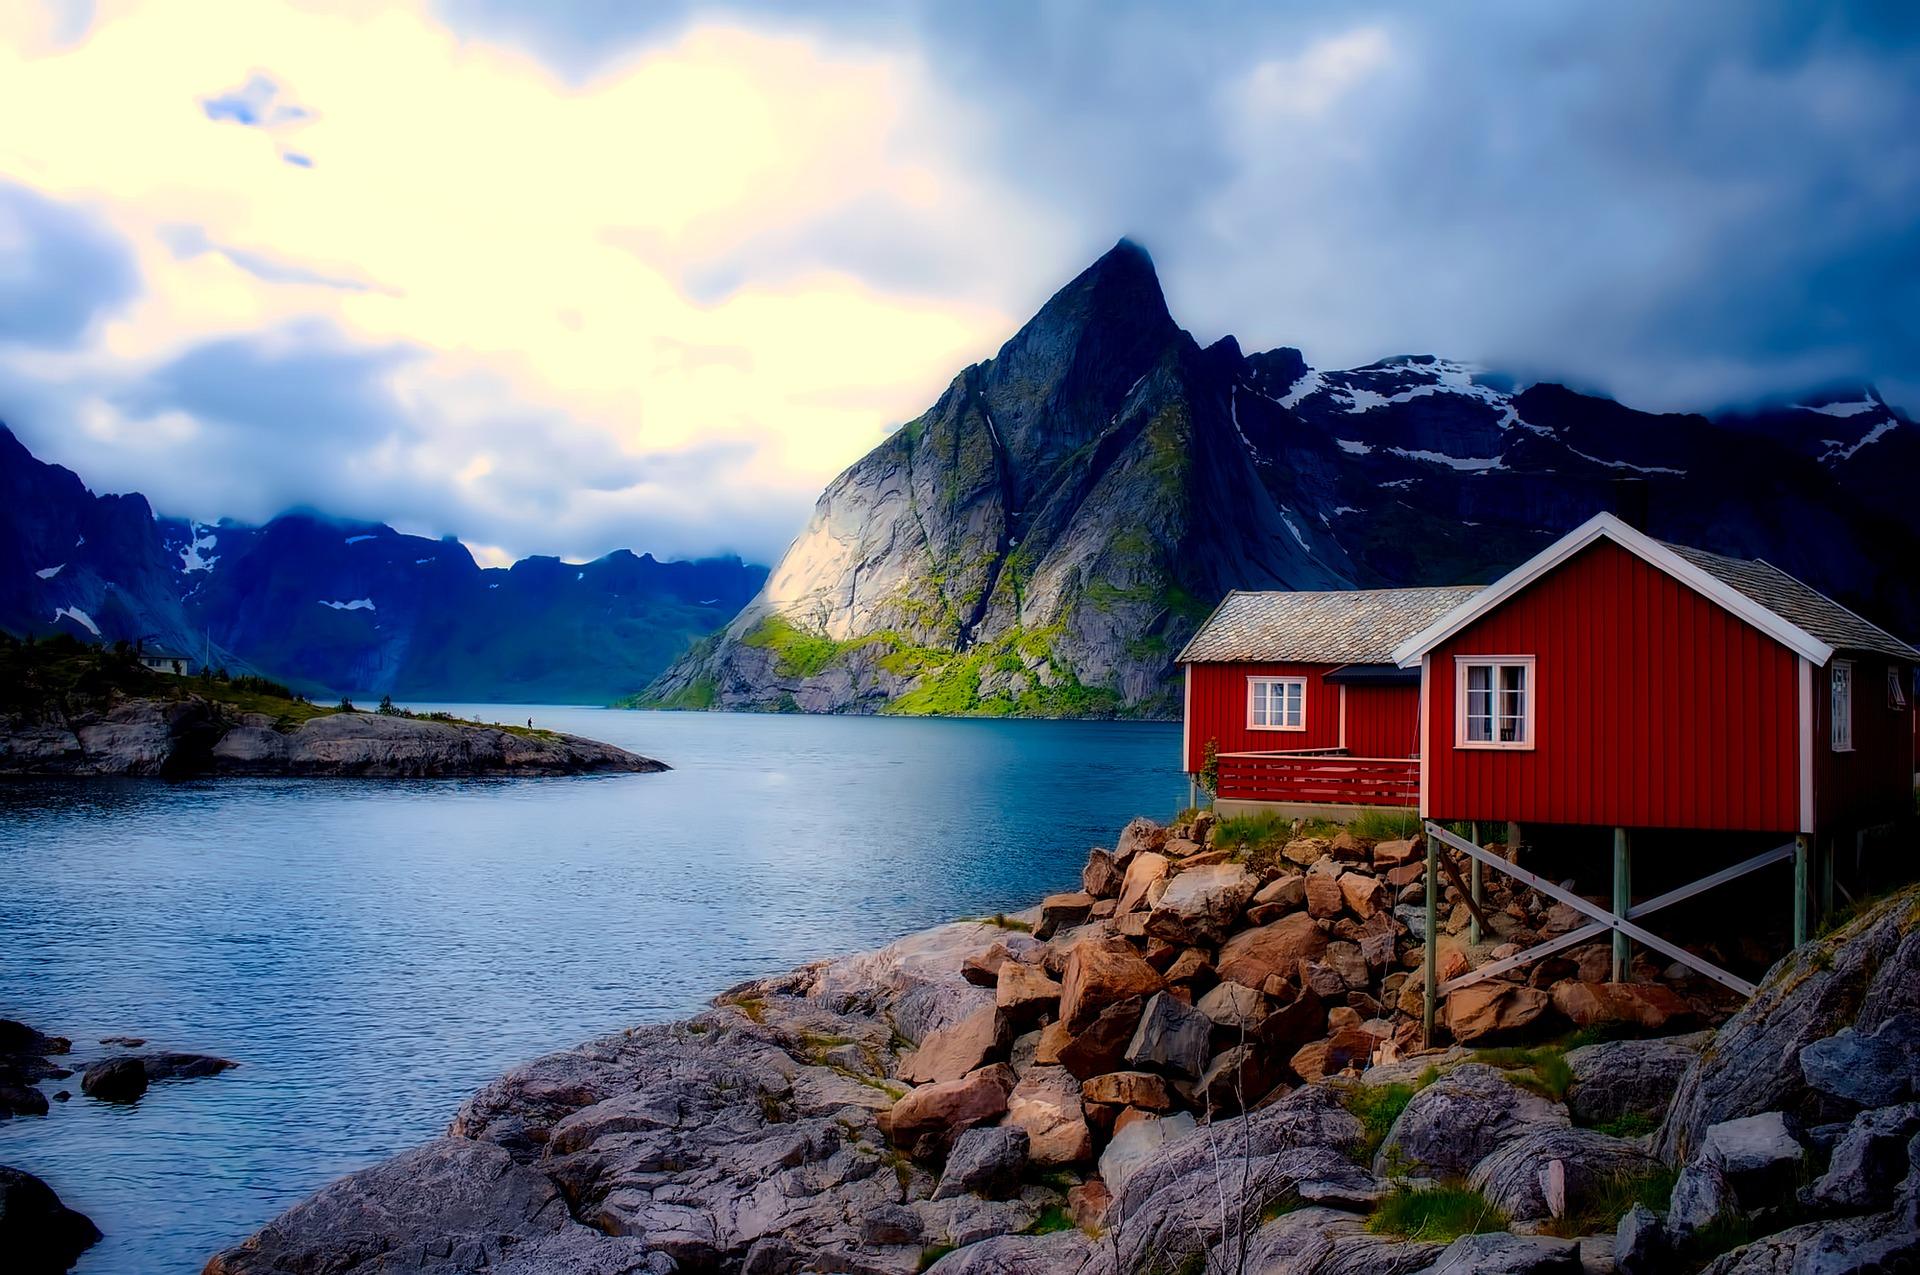 imágenes detalladas lindo baratas paquete elegante y resistente Ruta Gran Viaje a Noruega | Viaje de 15 días | Grupo ...